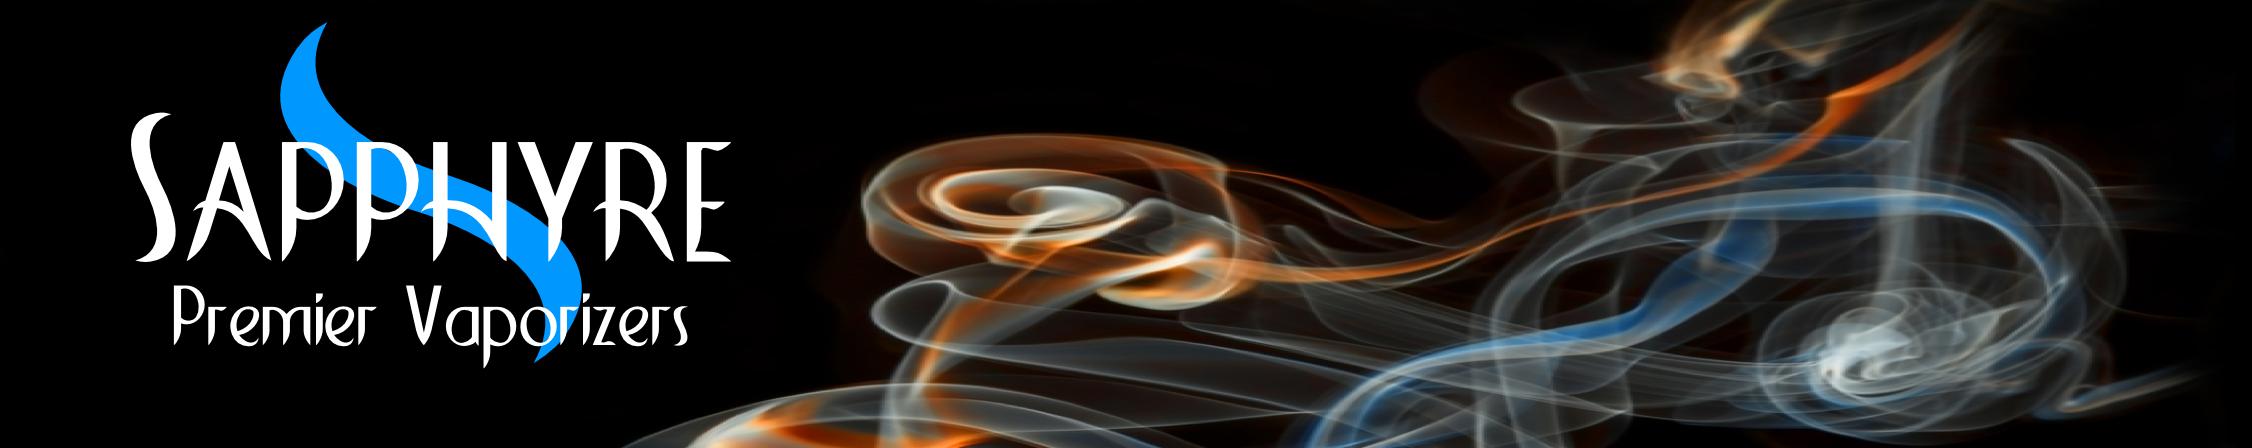 sapphyre-vaporizer-header.png